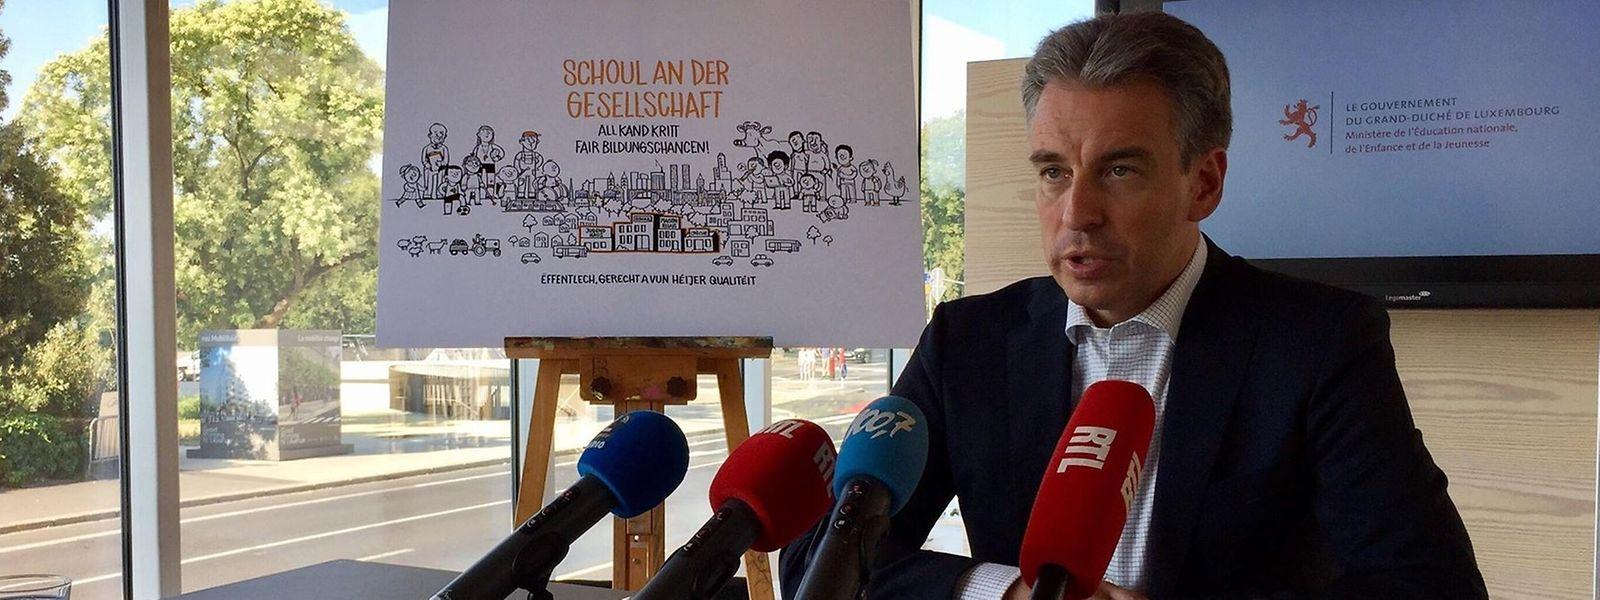 Le ministre de l'Éducation nationale, de l'Enfance et de la Jeunesse a fait le bilan de ses cinq ans au gouvernement, ce jeudi 26 juillet 2018, au Casino Luxembourg.